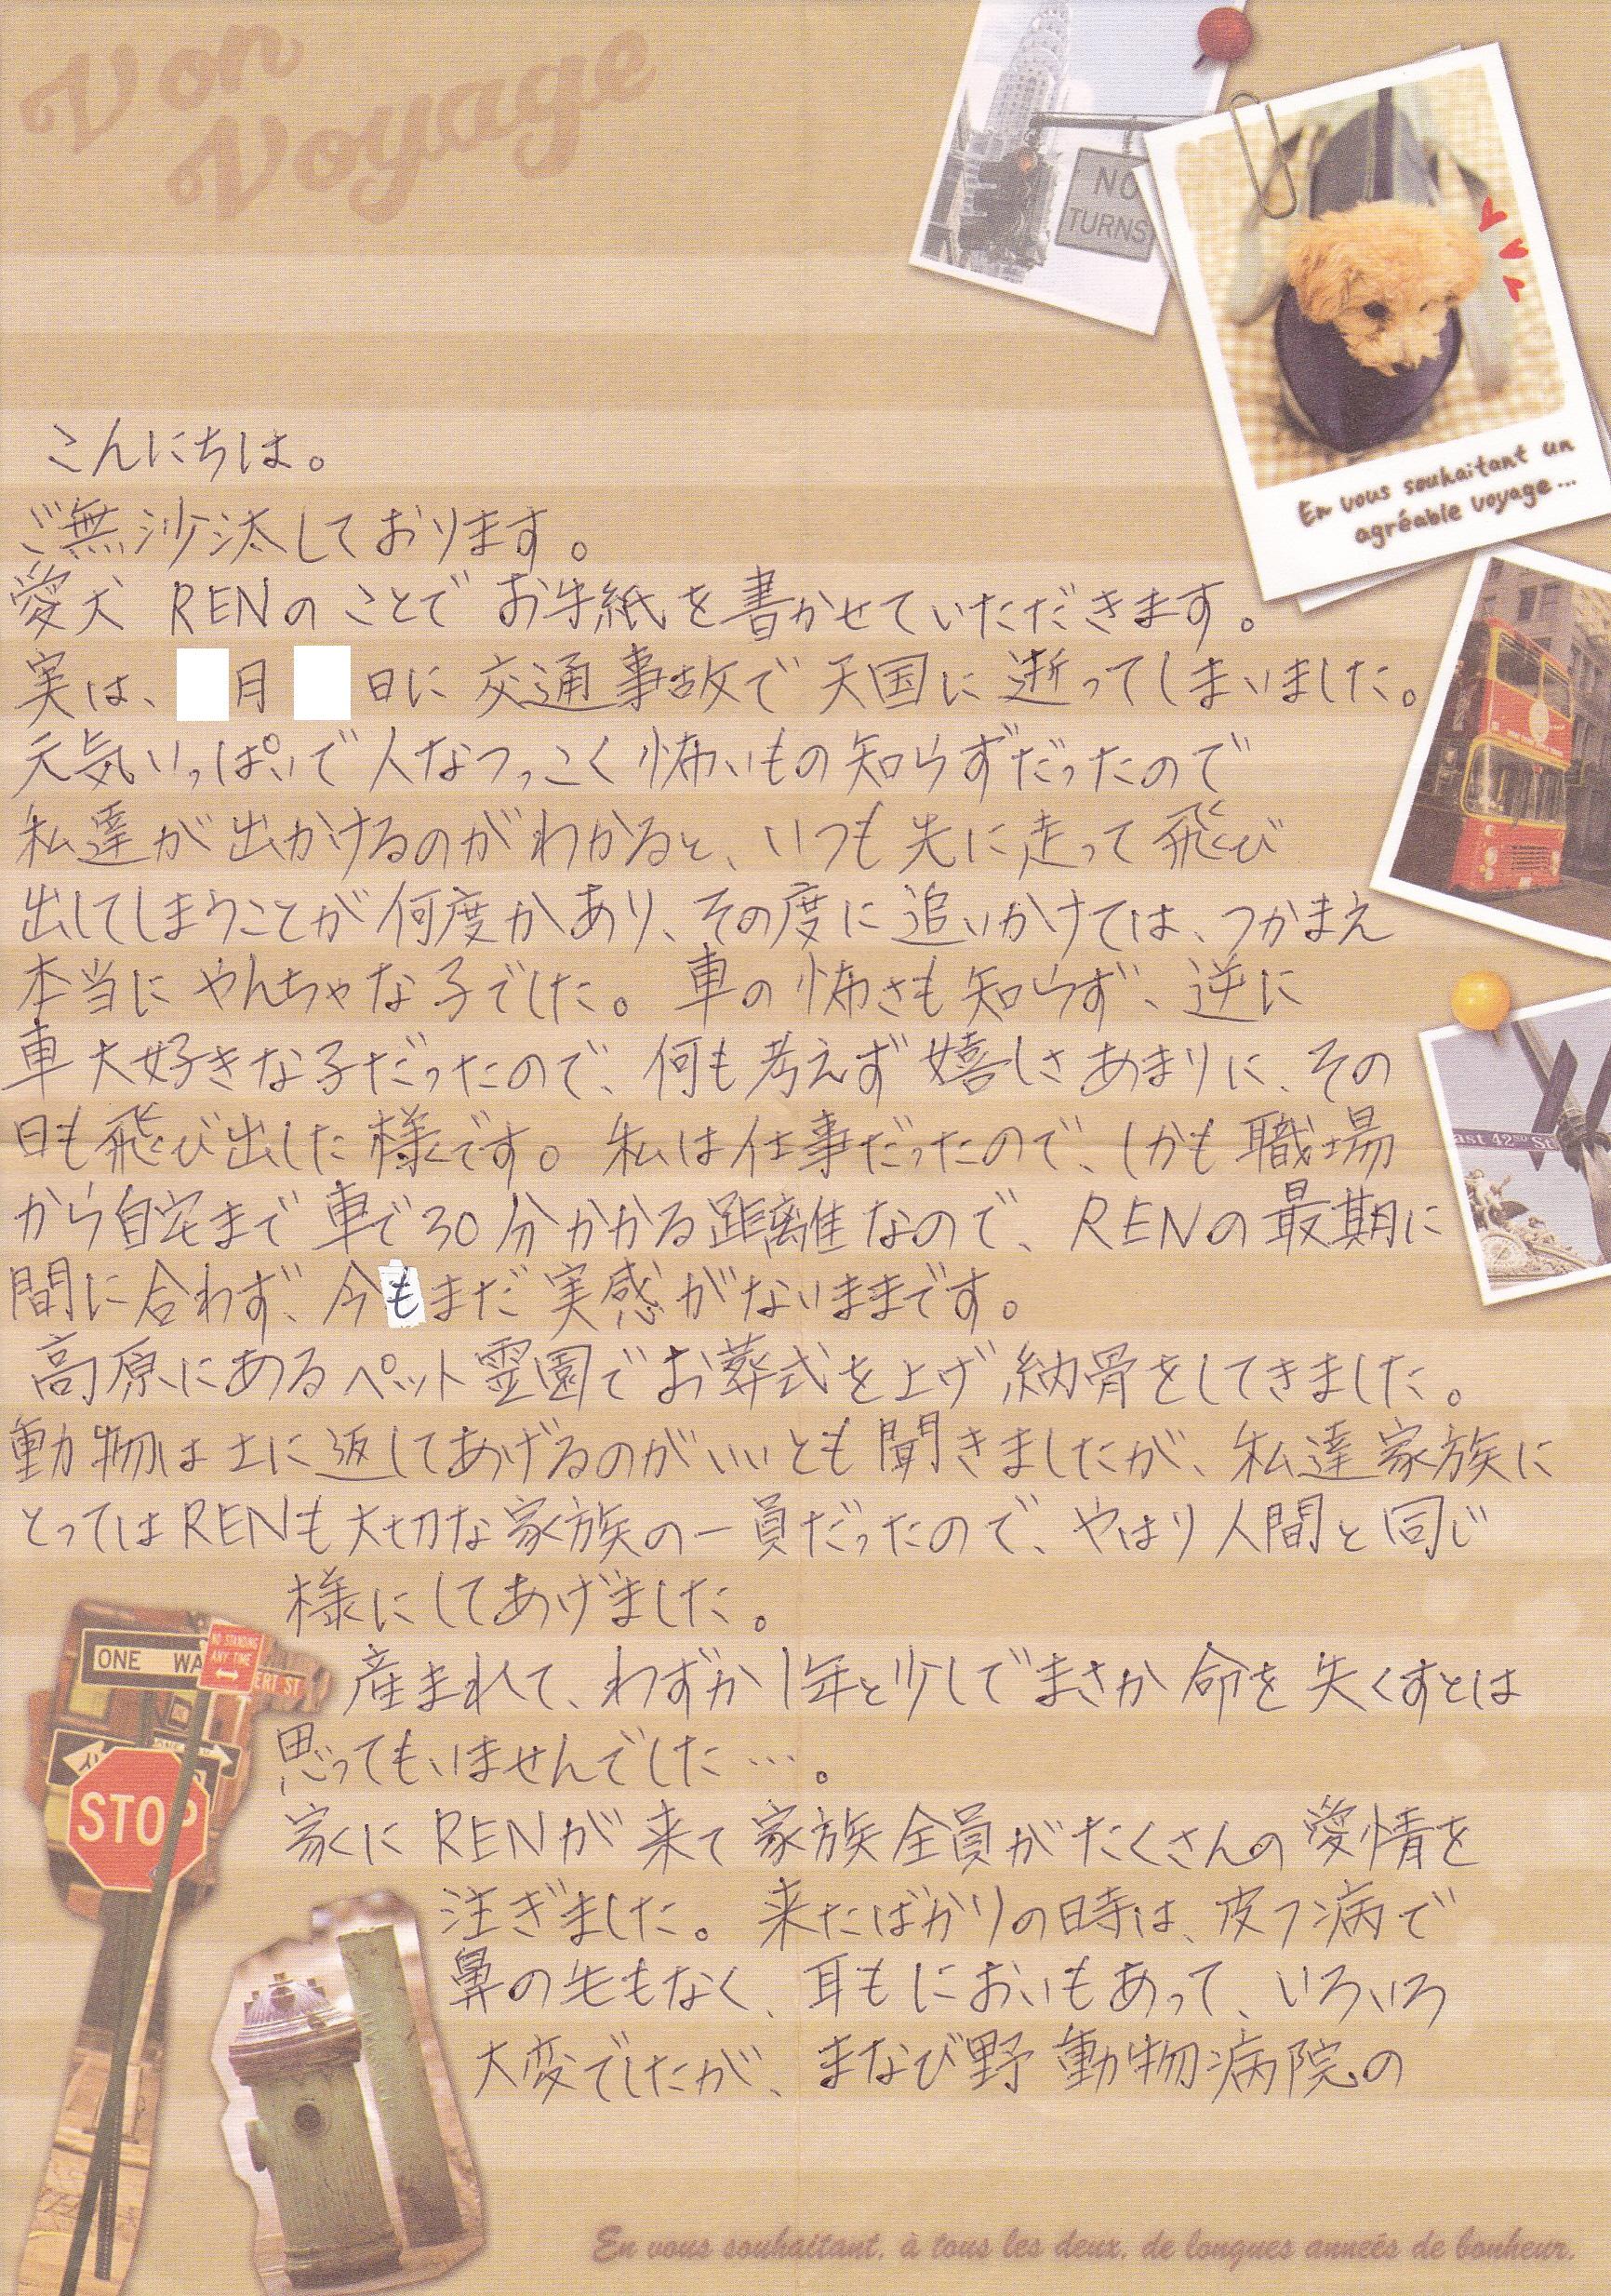 ren scan 1a